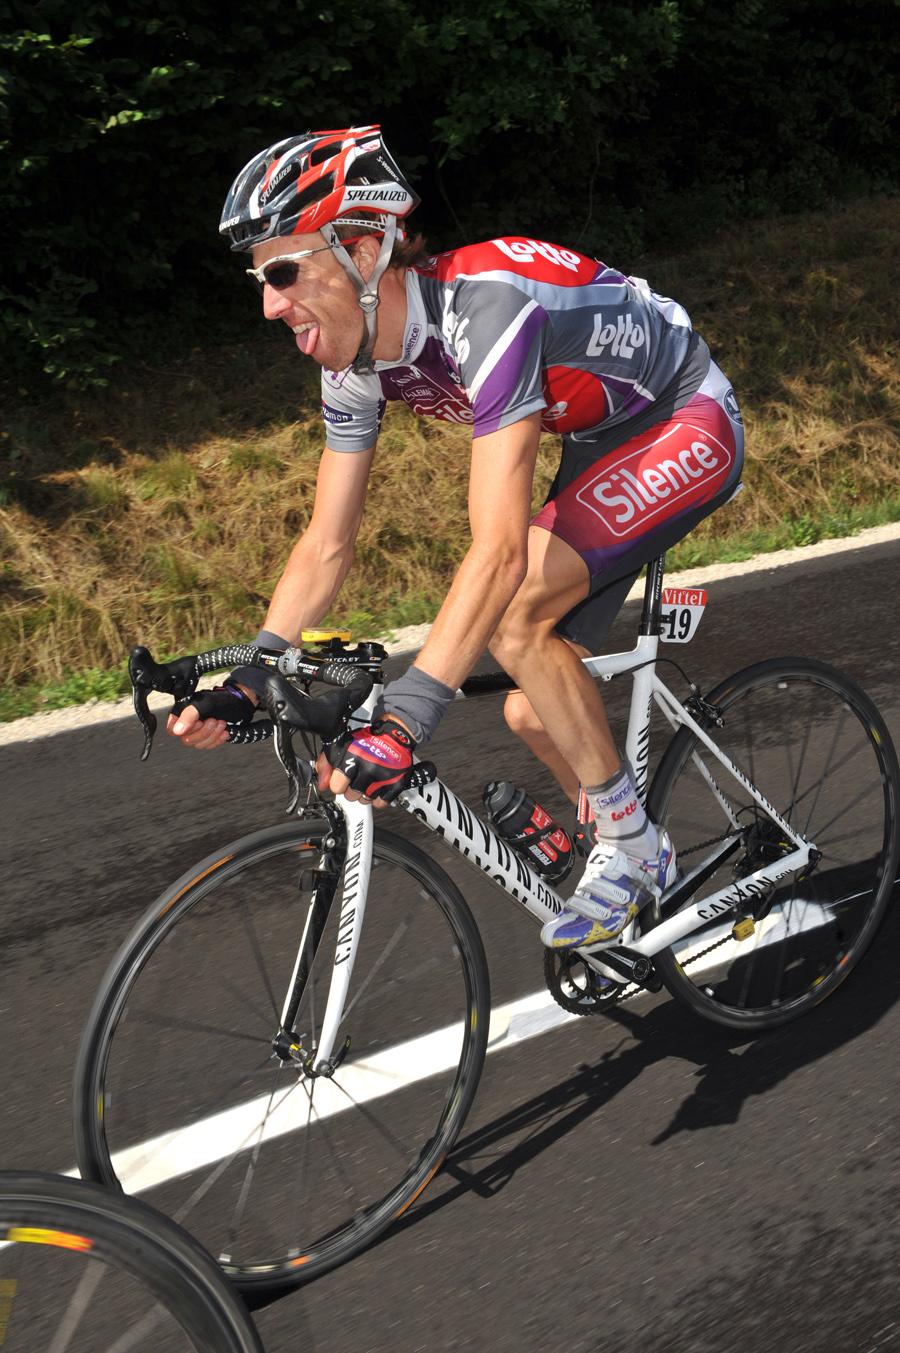 tour de france, 2009 tour de france, stage 14, besancon, serguei ivanov, mark cavendish, thor hushovd, alberto contador, lance armstrong